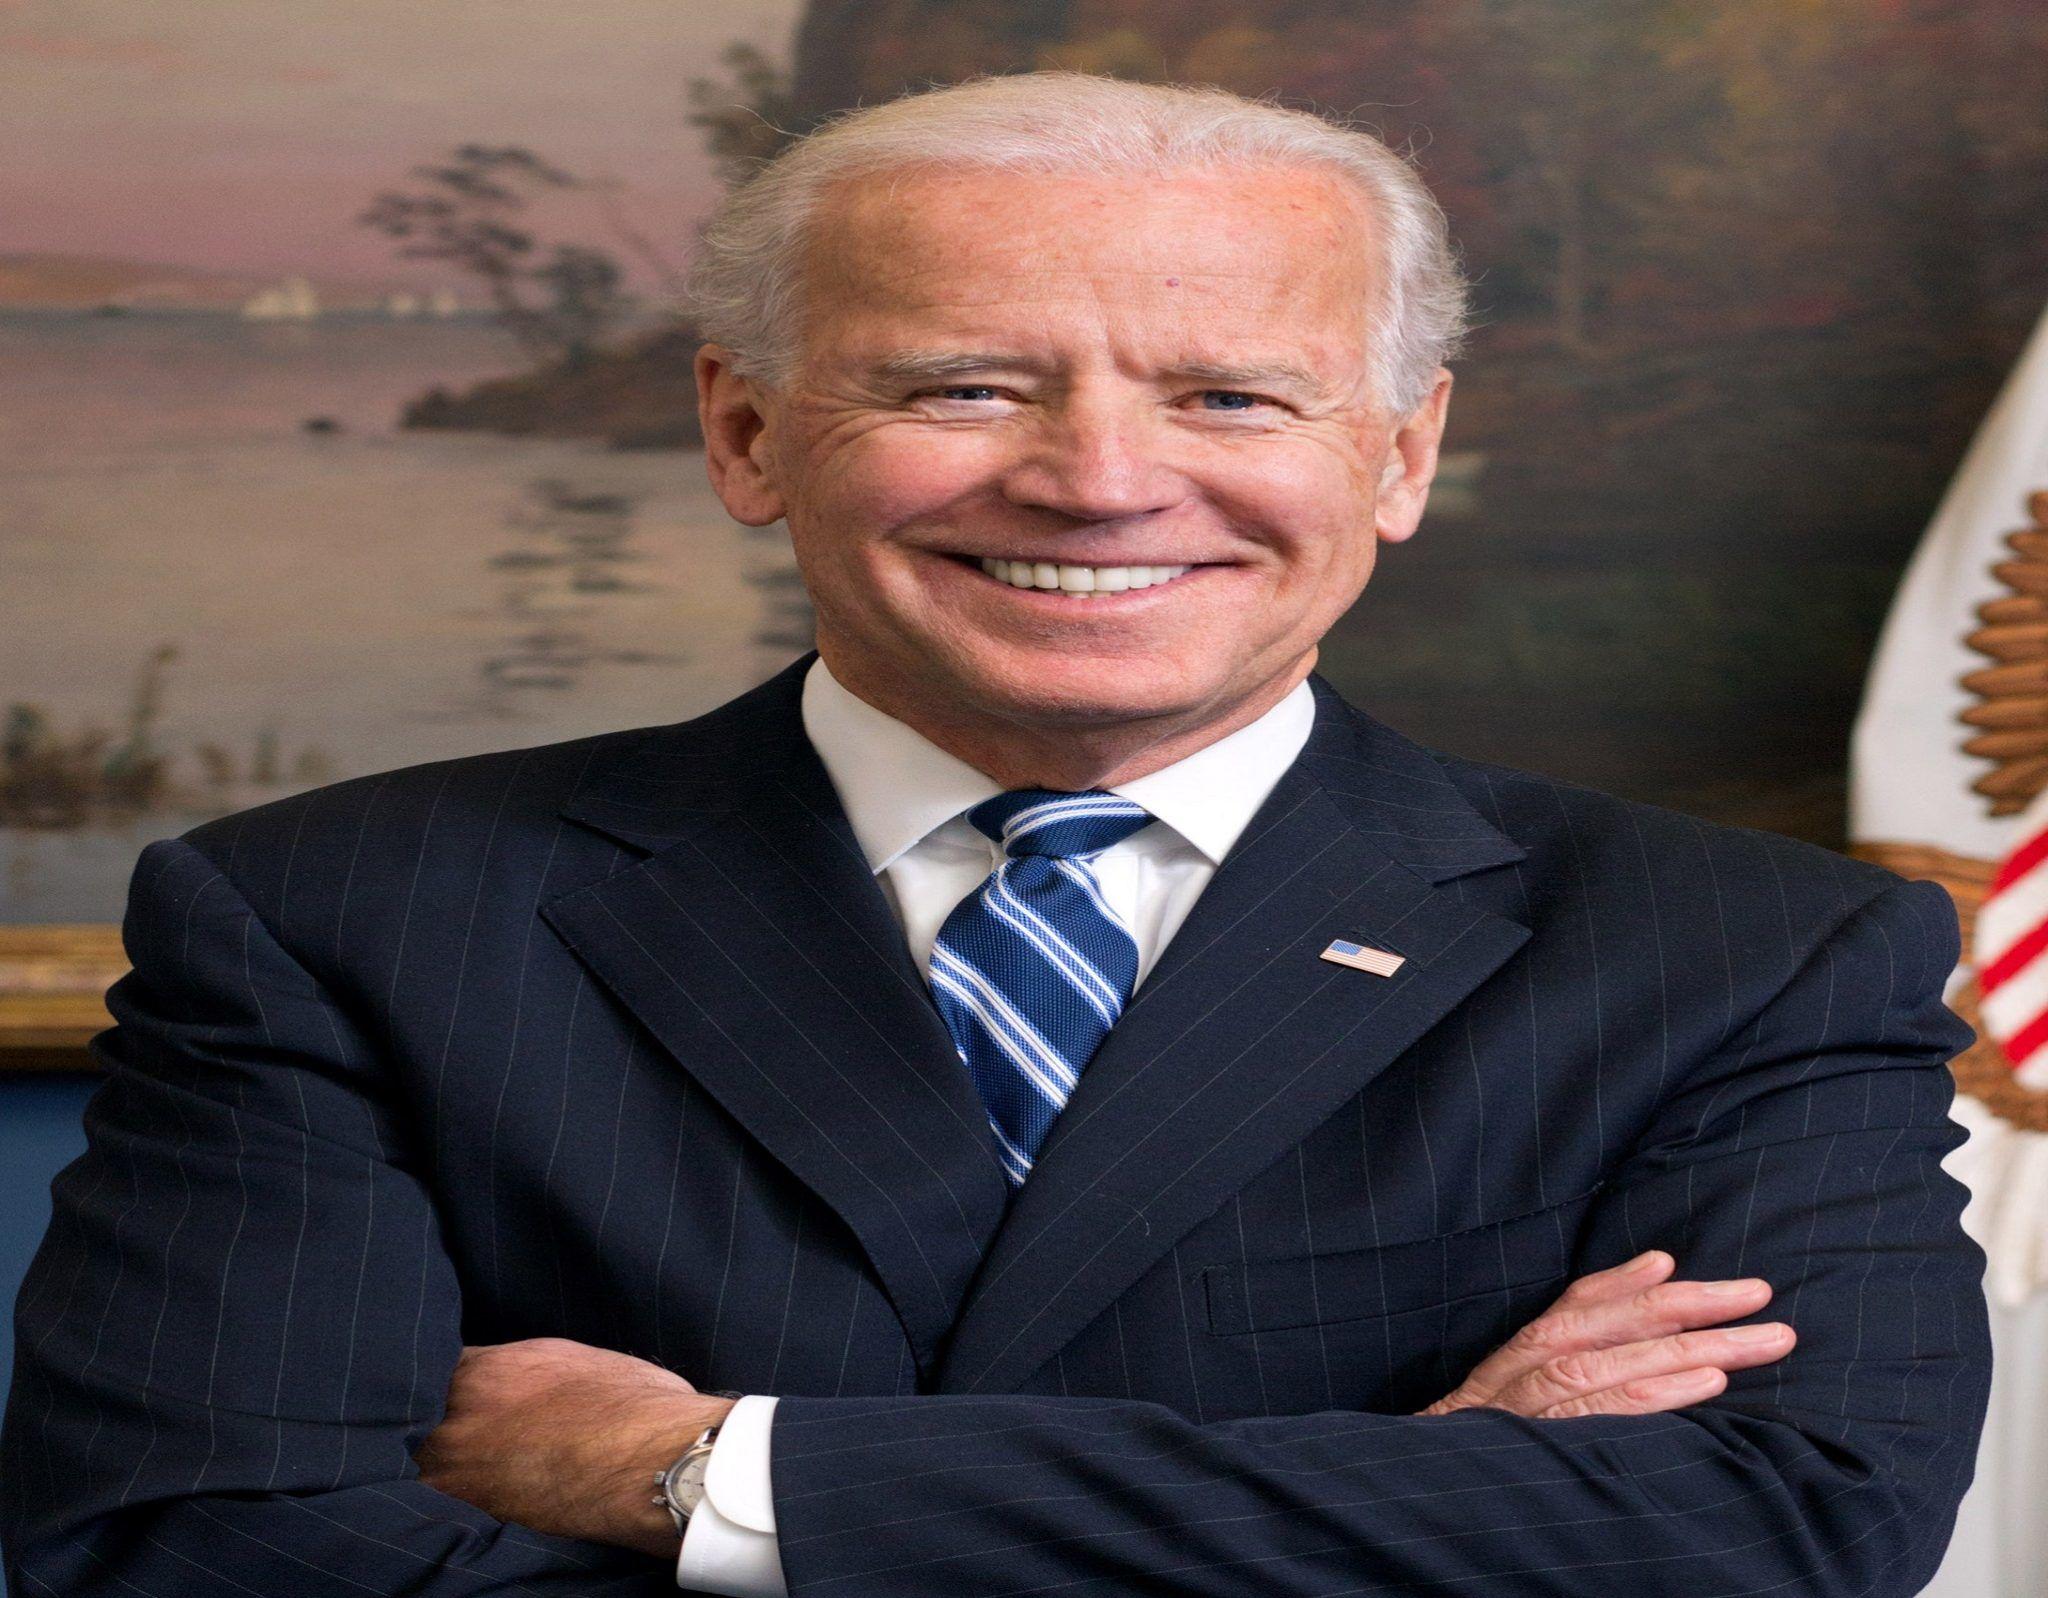 Joe Biden İsveç'te Türk halkını övdü